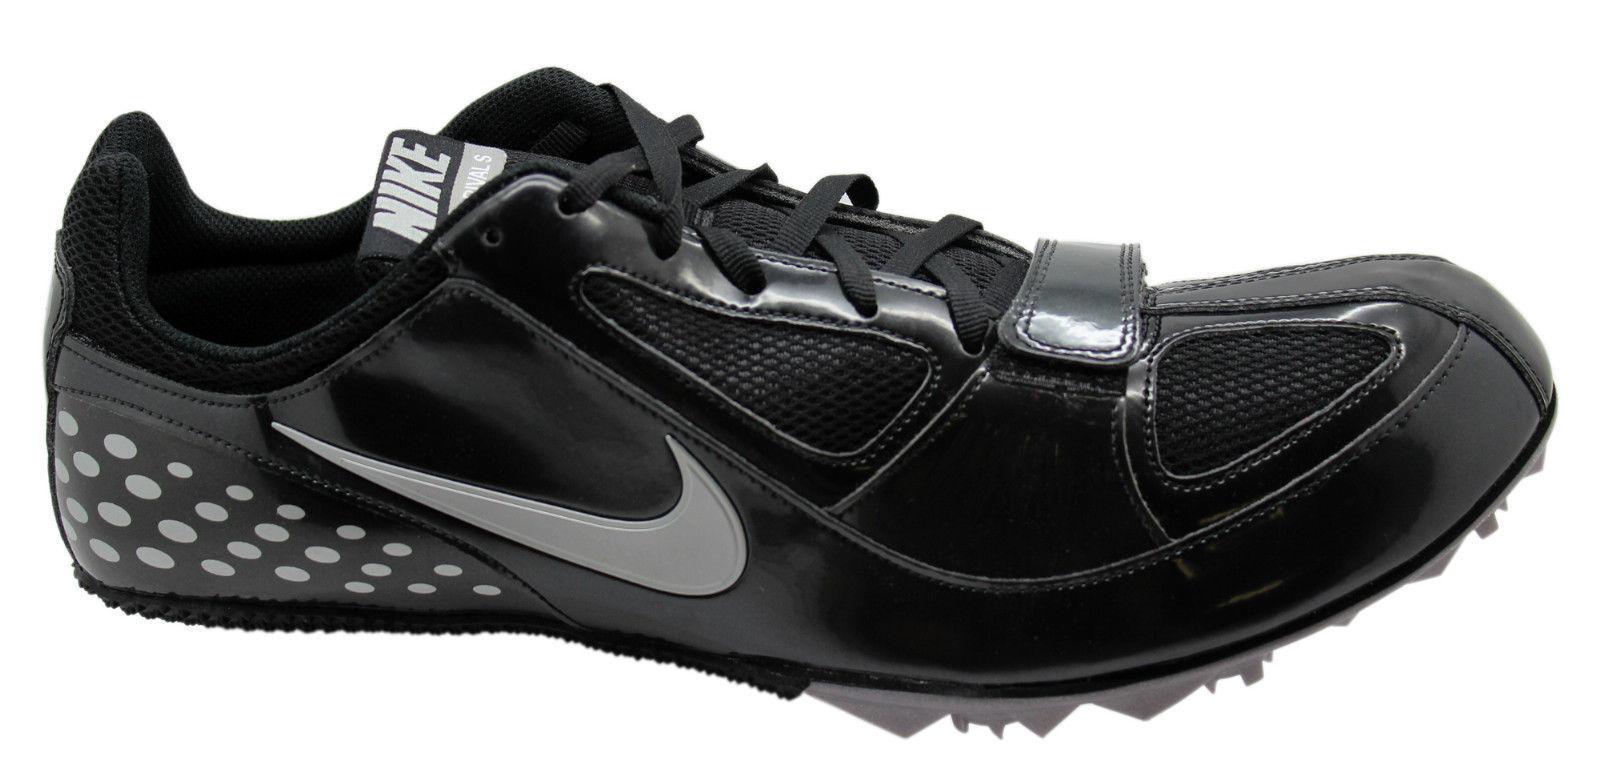 Los hombres de 5 Nike Zoom rival S 5 de TRACK Spike Negro running Athletic sneaker talla 10,5 estacional de recortes de precios, beneficios de descuentos e2874c